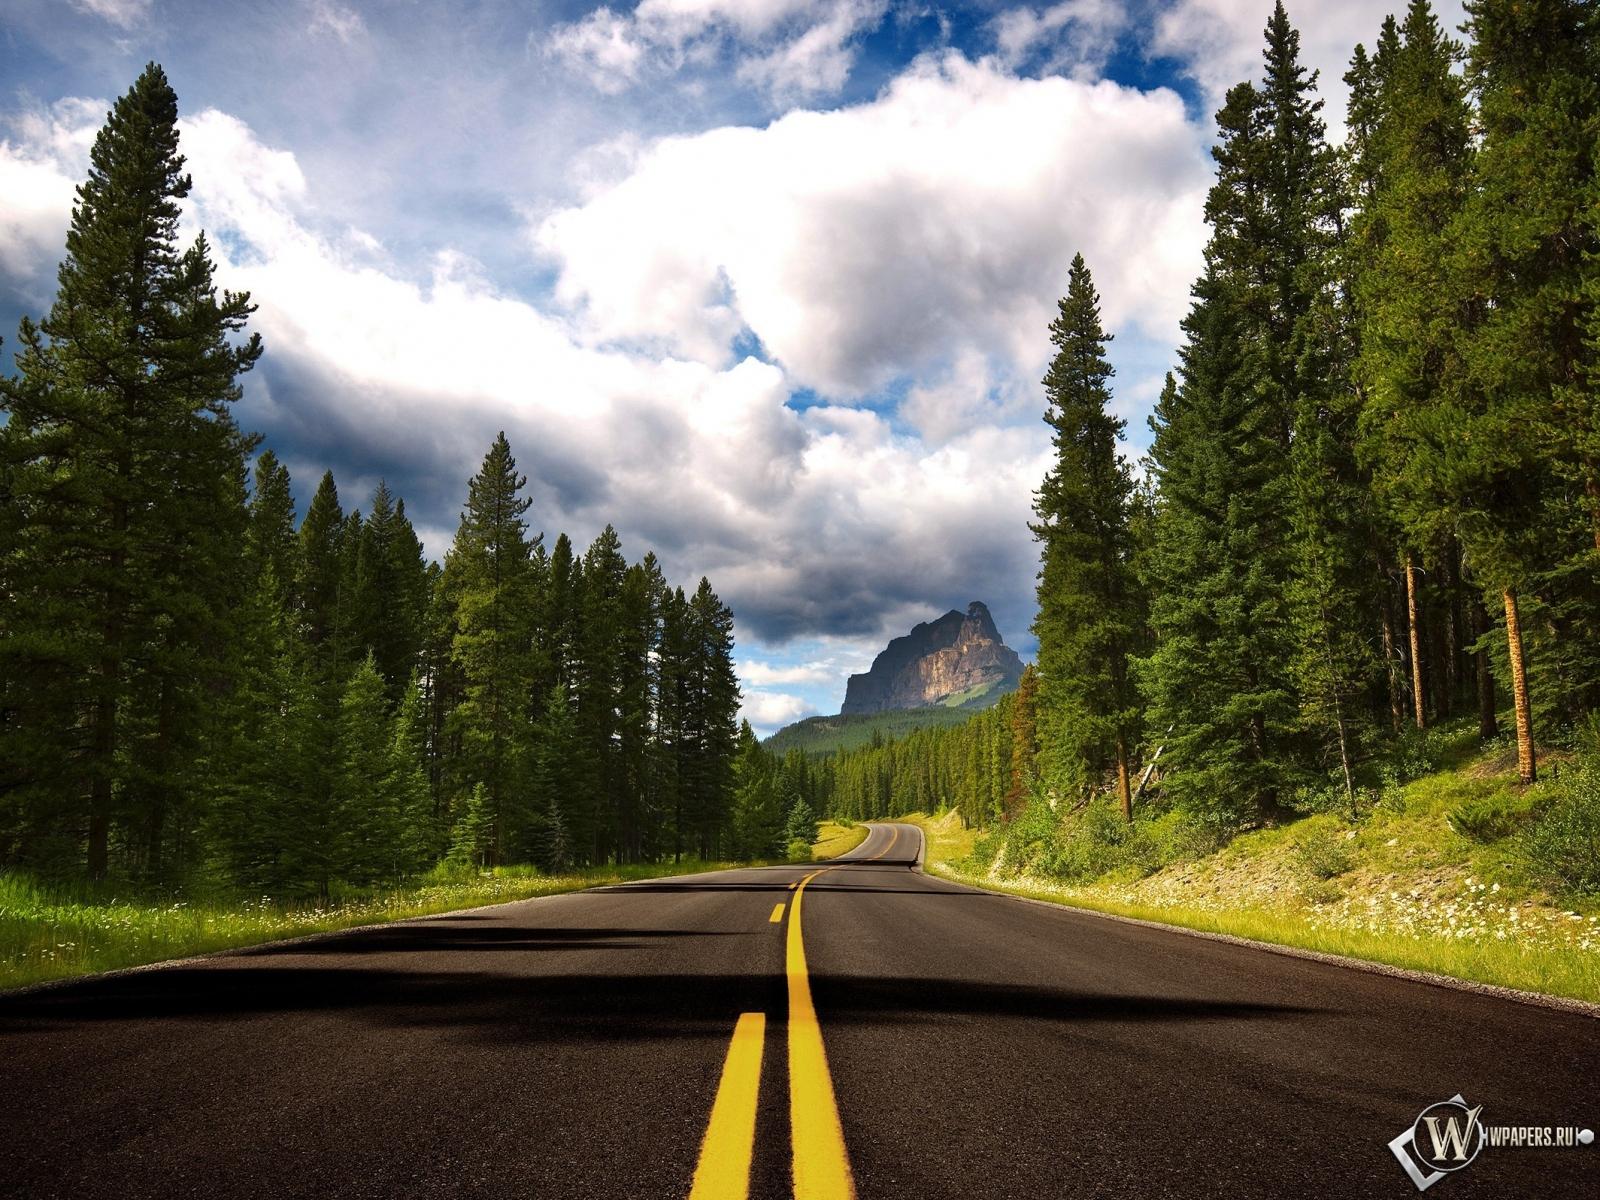 Дорога лес деревья 1600x1200 картинки